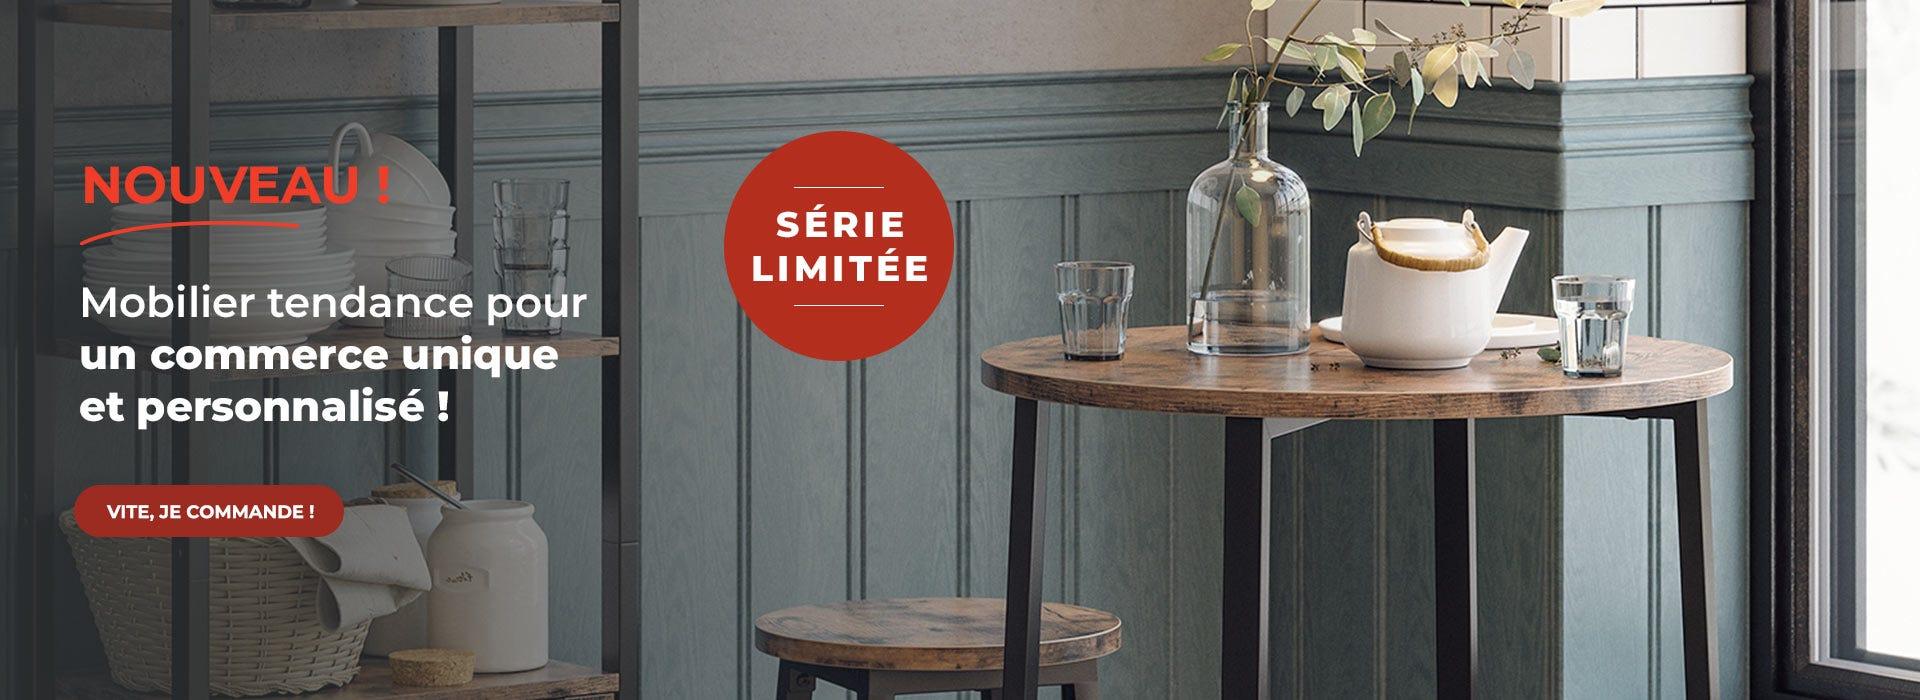 Nouveau mobilier en série limité pour un commerce unique et personnalisé !